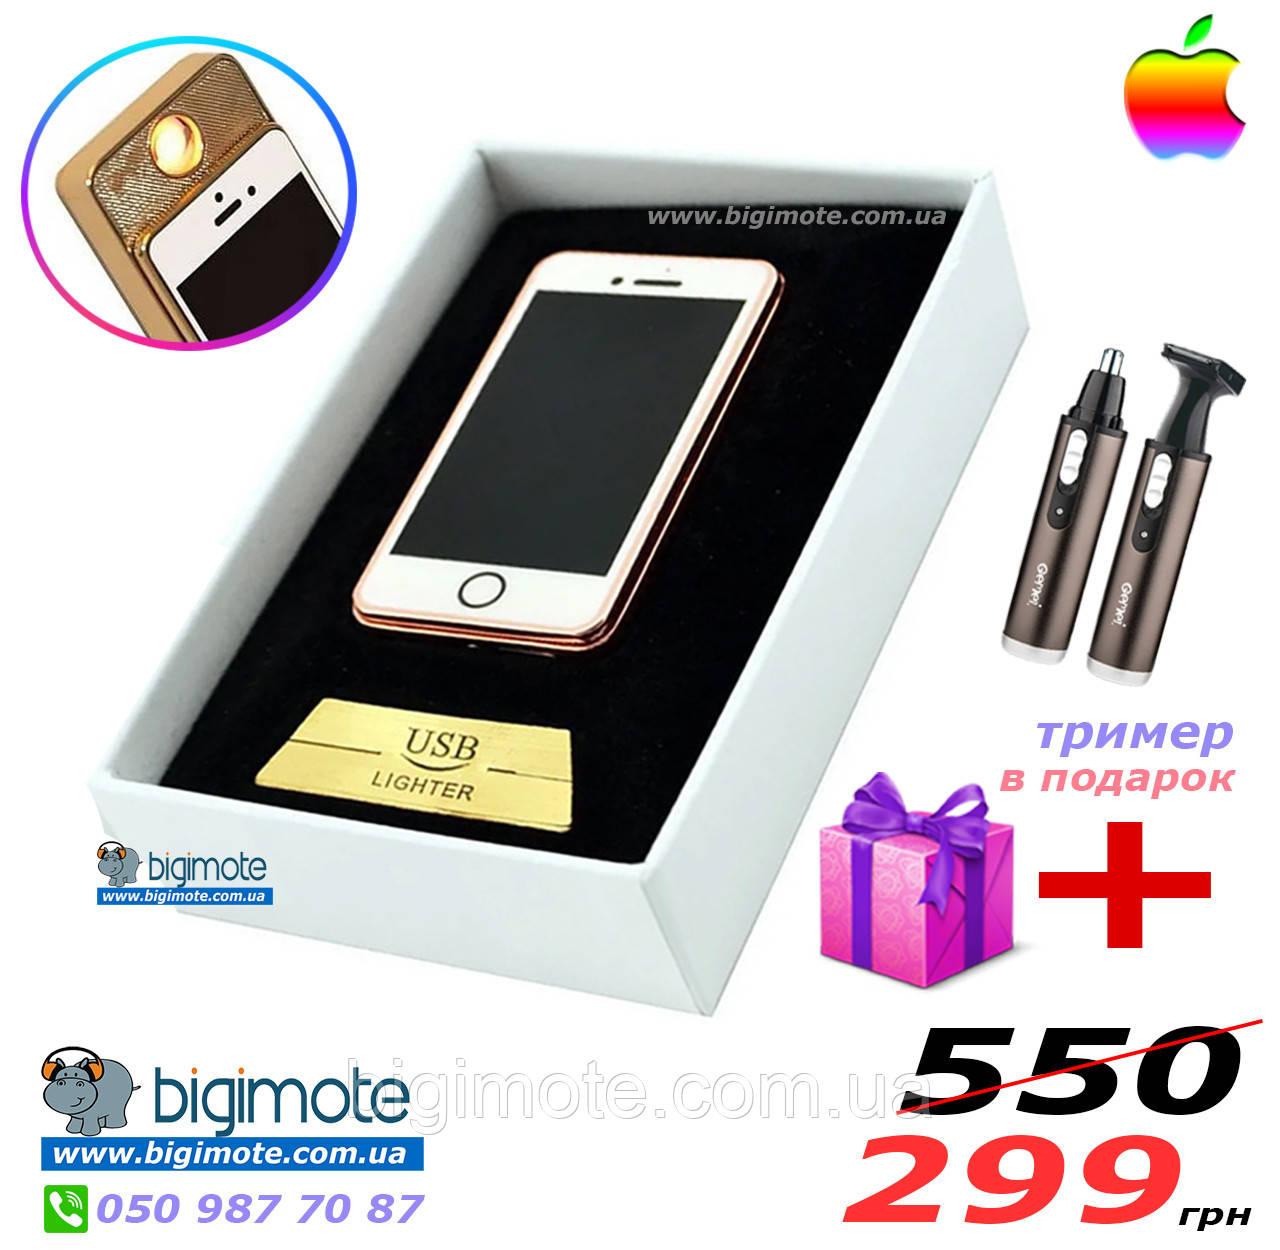 Качественная USB Зажигалка,электроимпульсная зажигалка,електрозажигалка, зажигалка на подарок